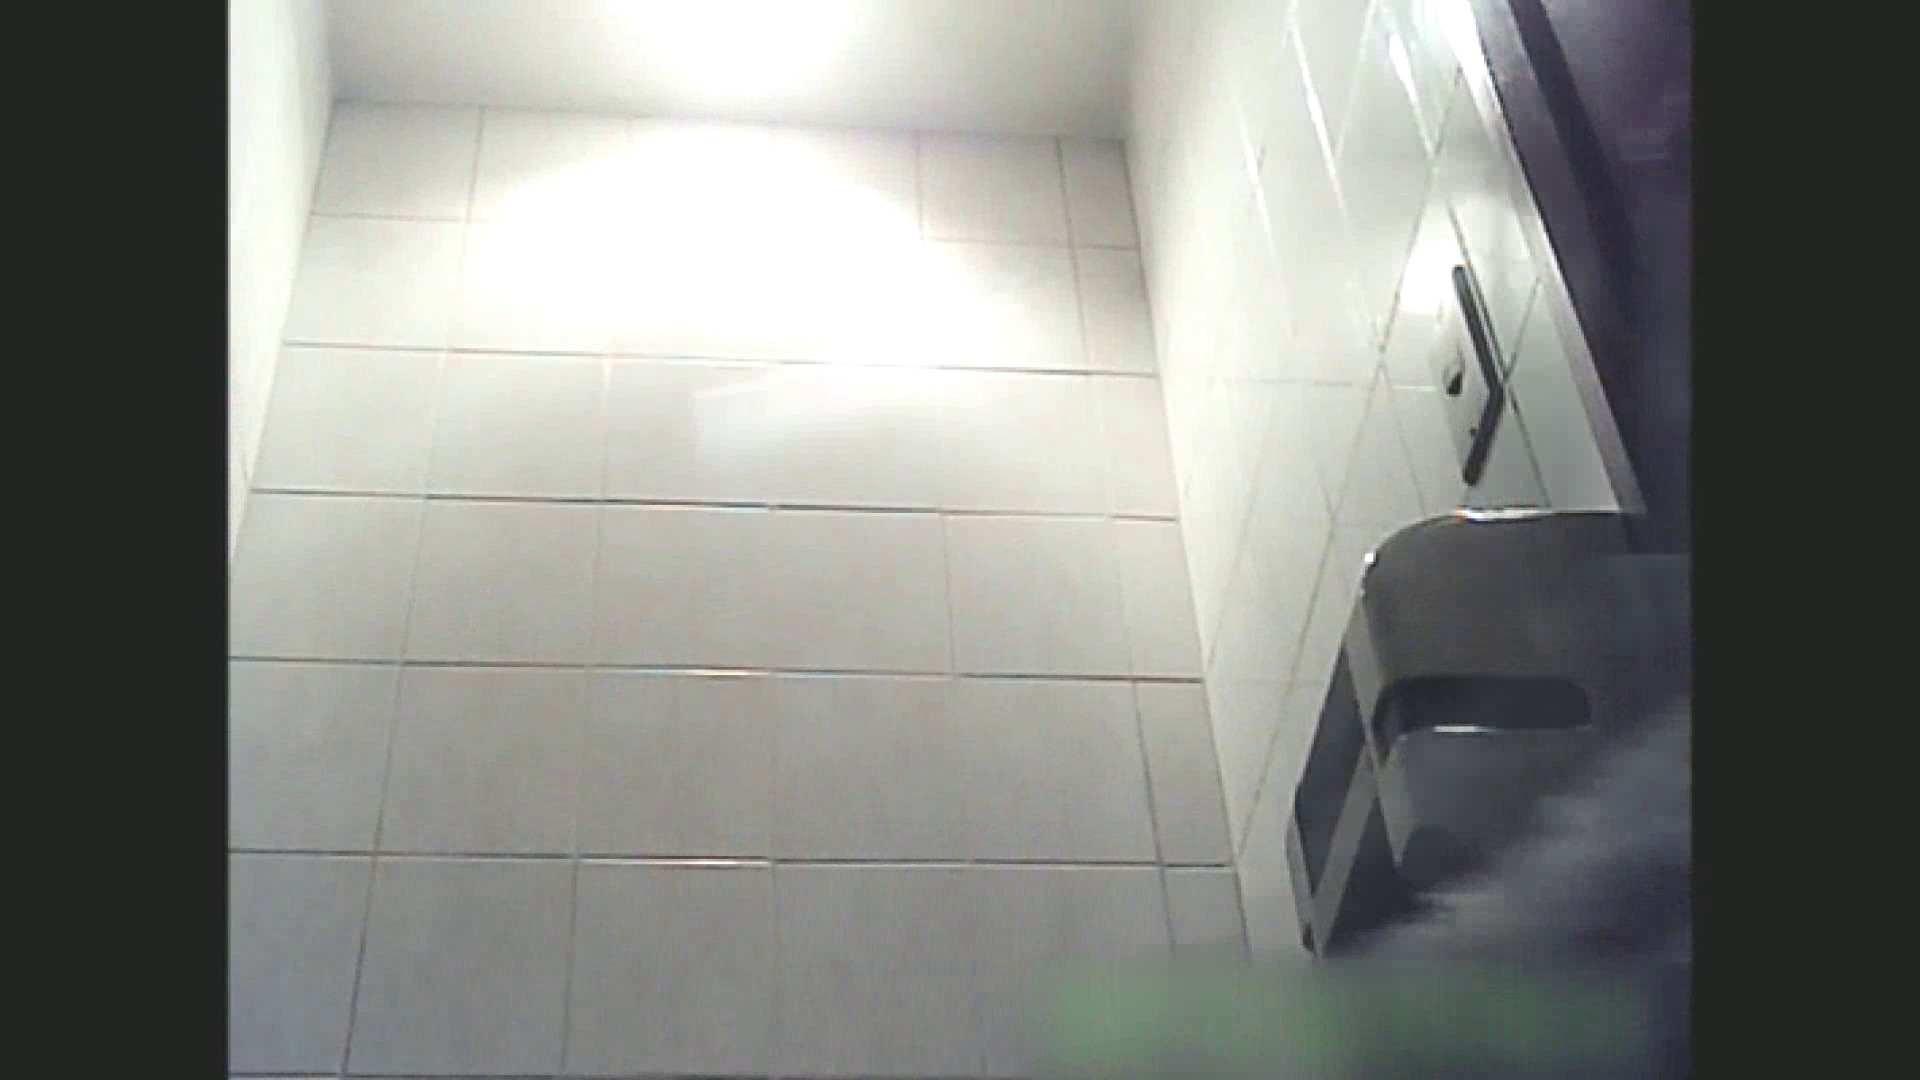 実録!!綺麗なお姉さんのトイレ事情・・・。vol.1 洗面所  84枚 61